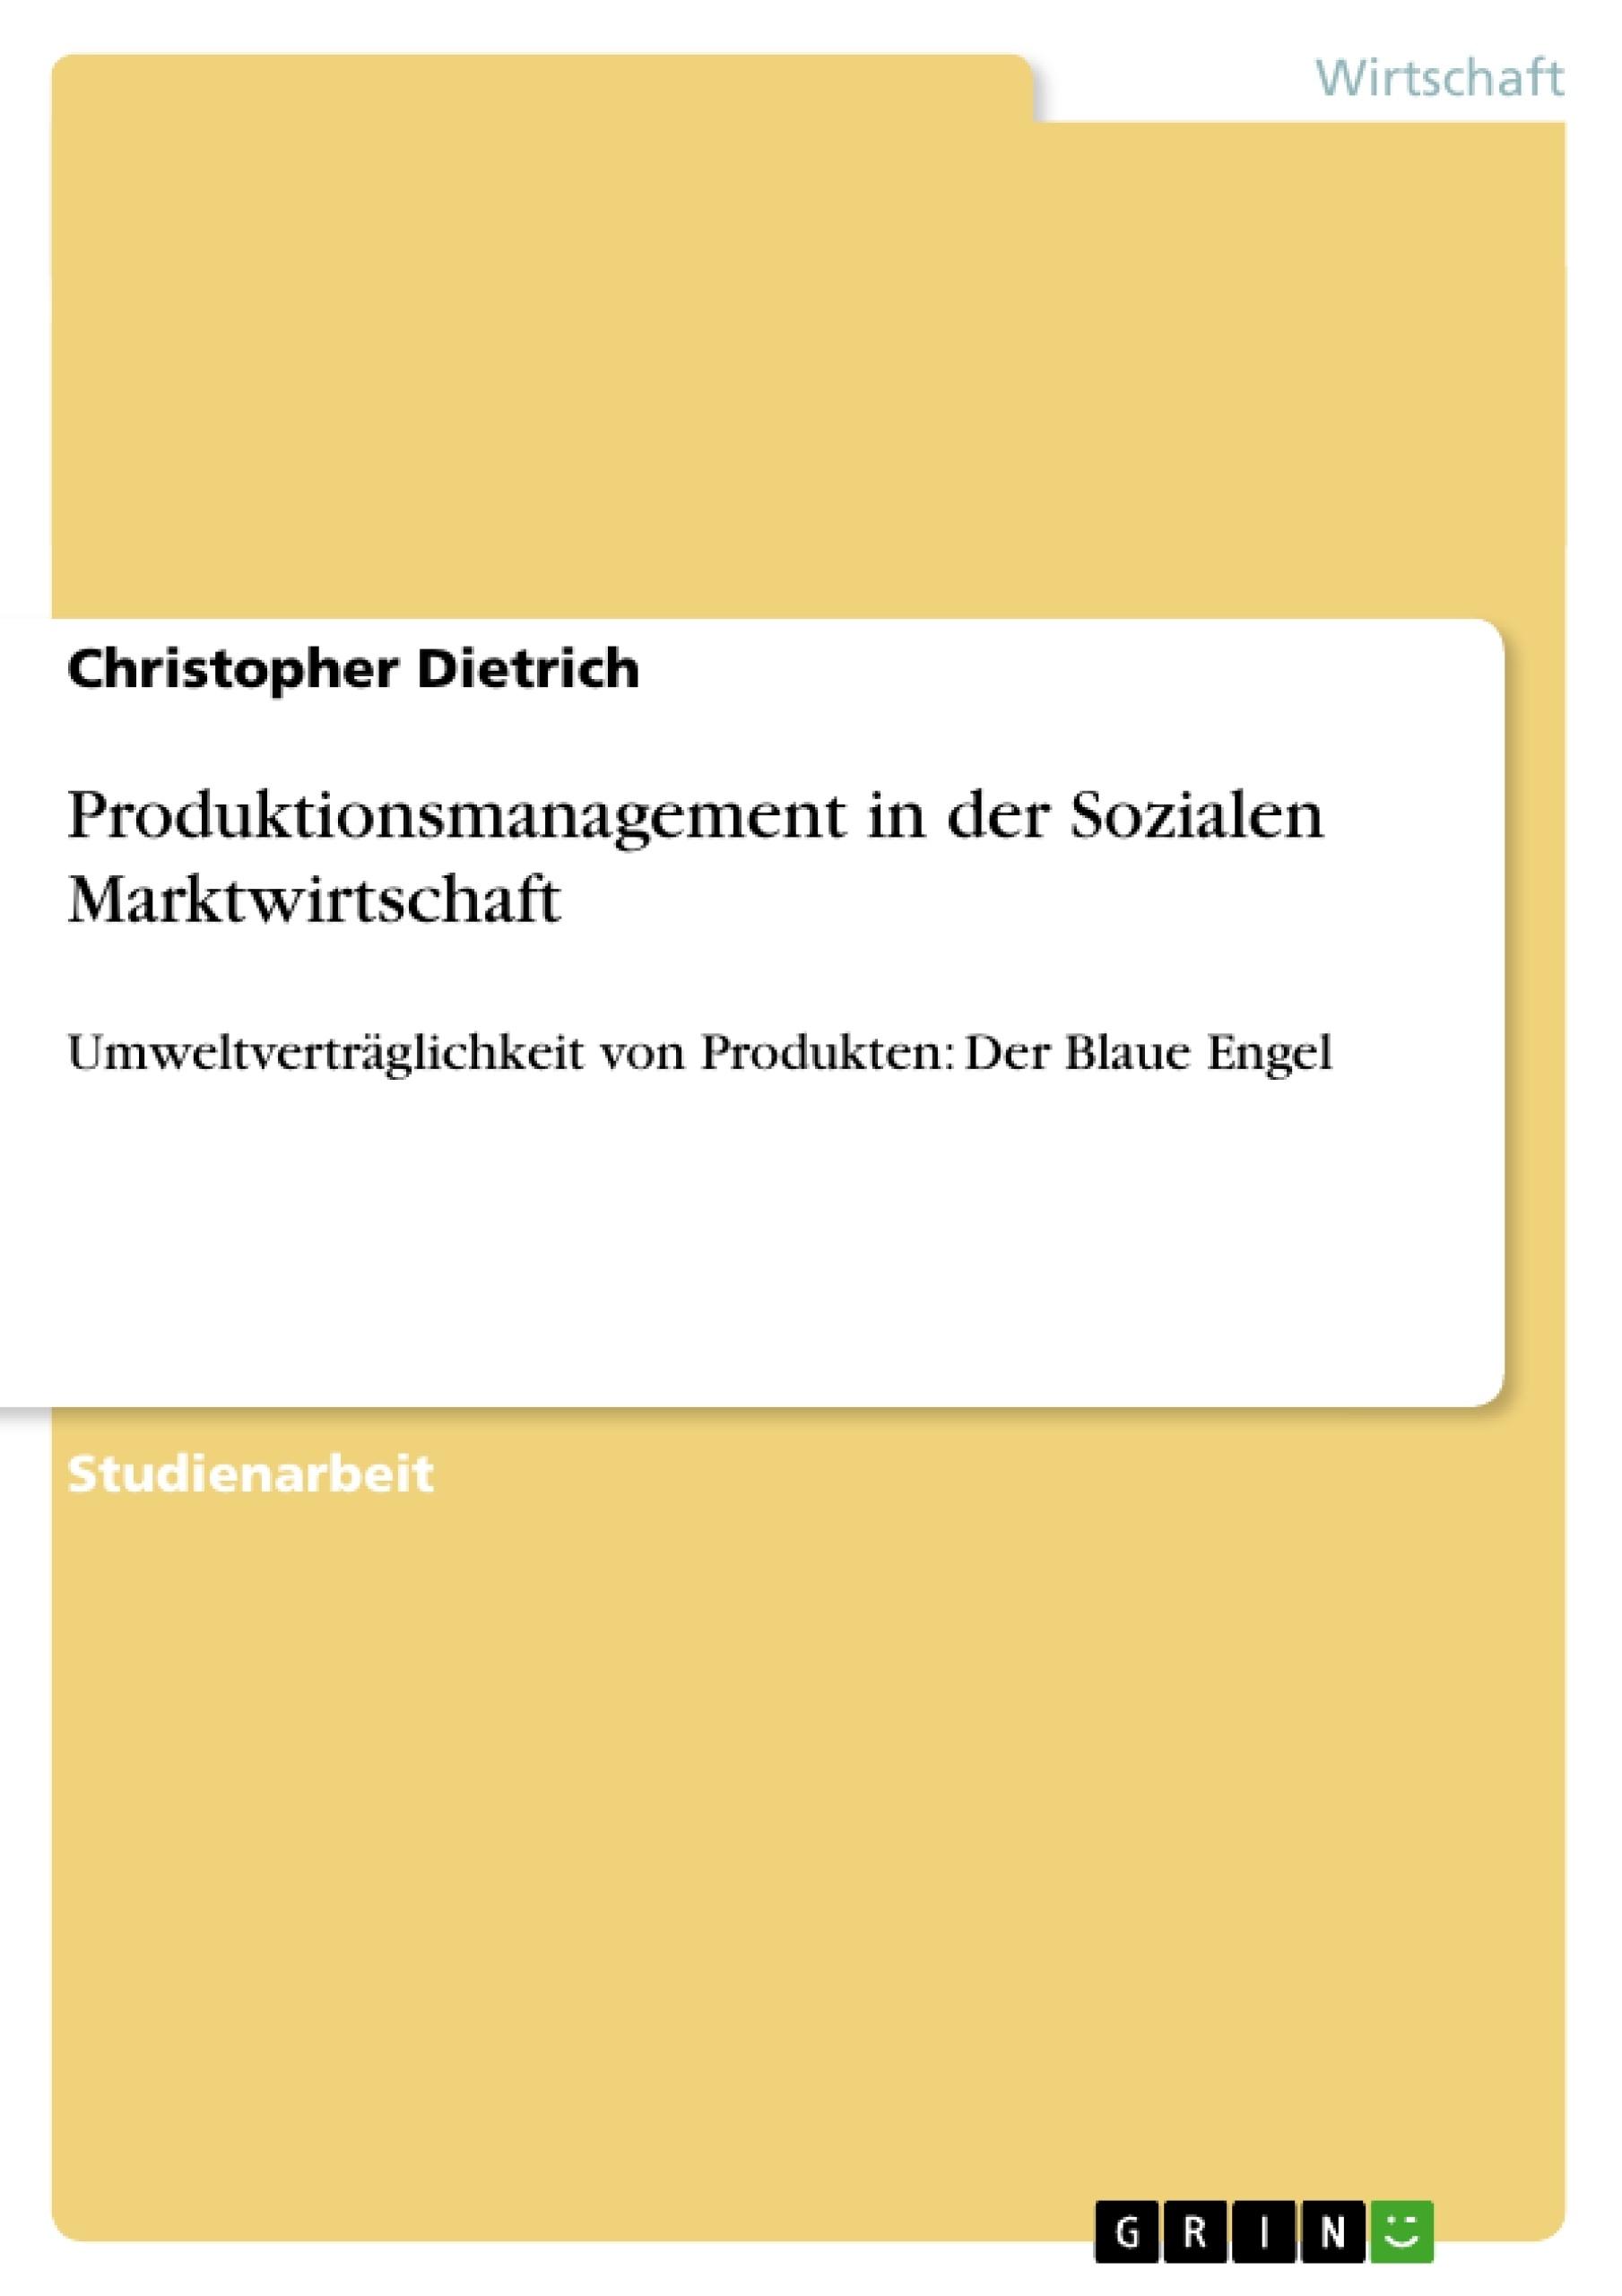 Titel: Produktionsmanagement in der Sozialen Marktwirtschaft